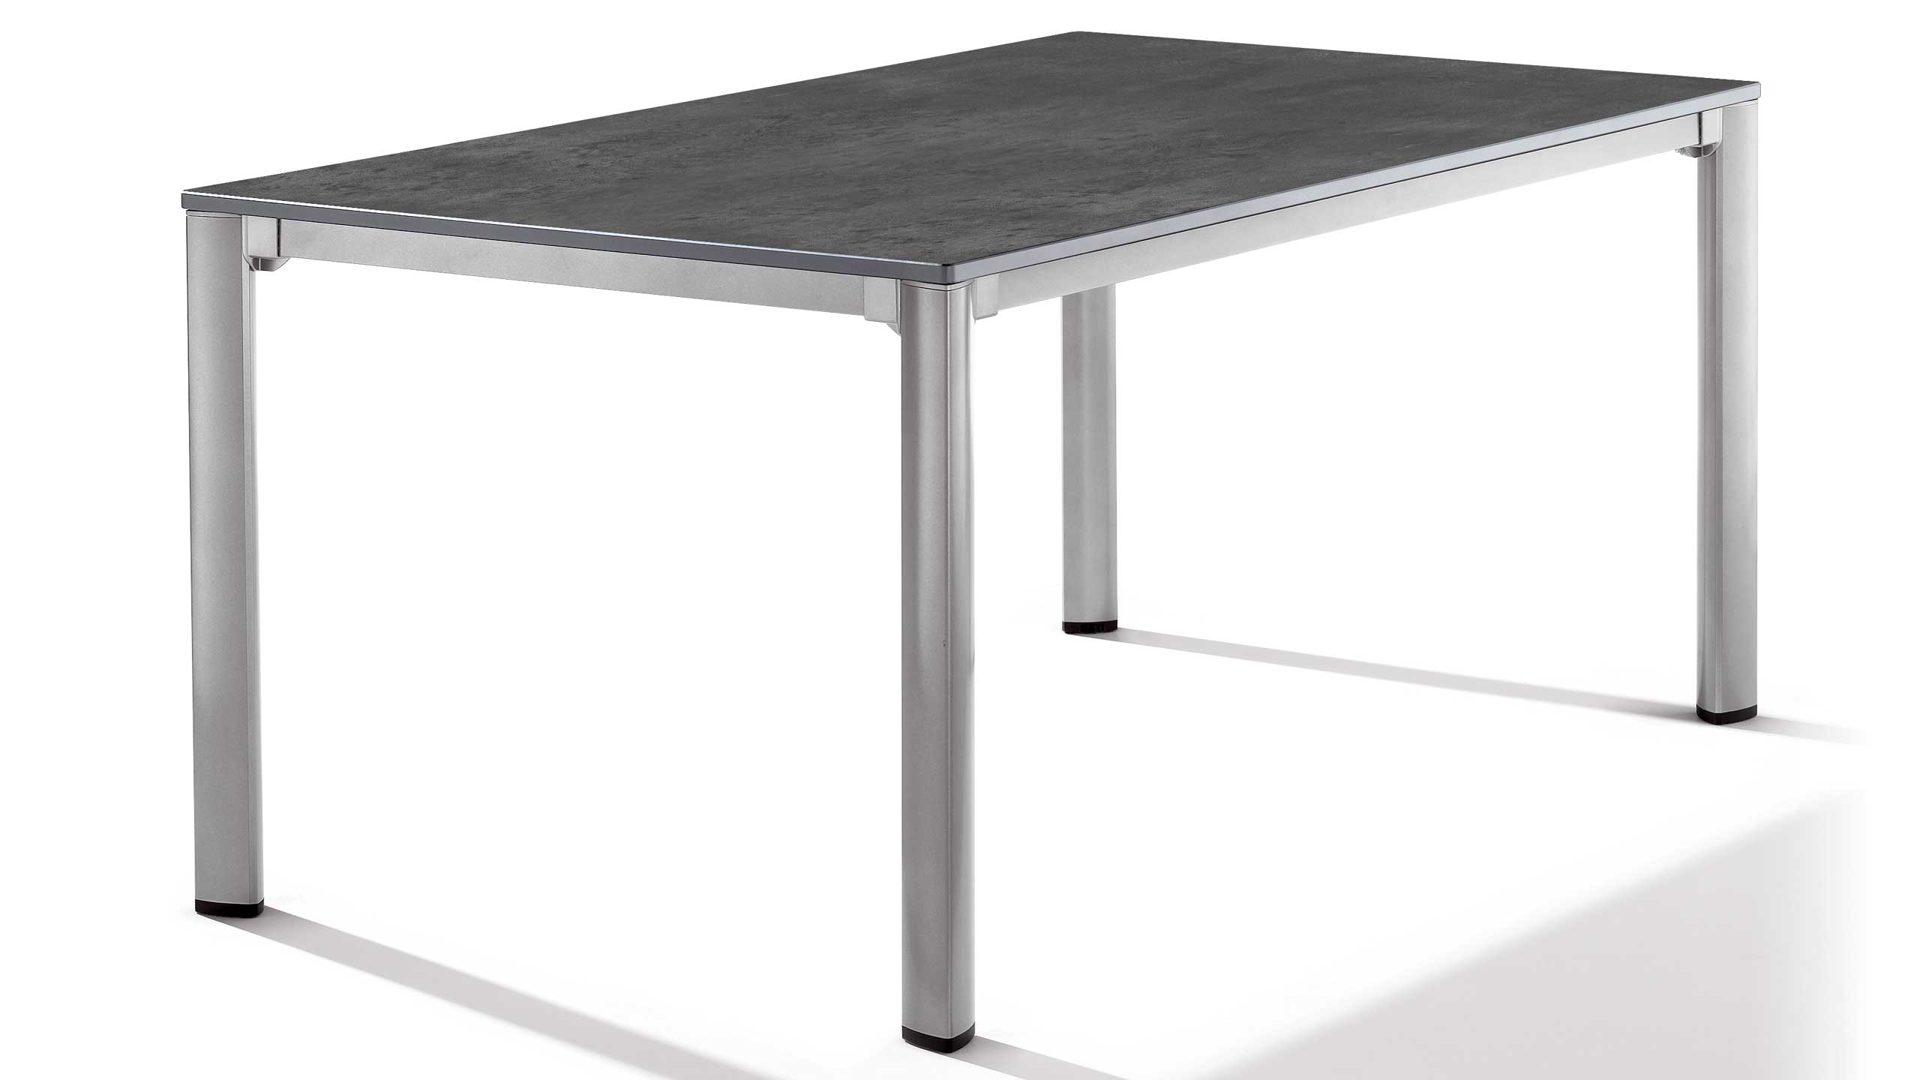 Gut Sieger Exclusiv Puroplan Loft Tisch Gartentisch 1780 51, Gestell